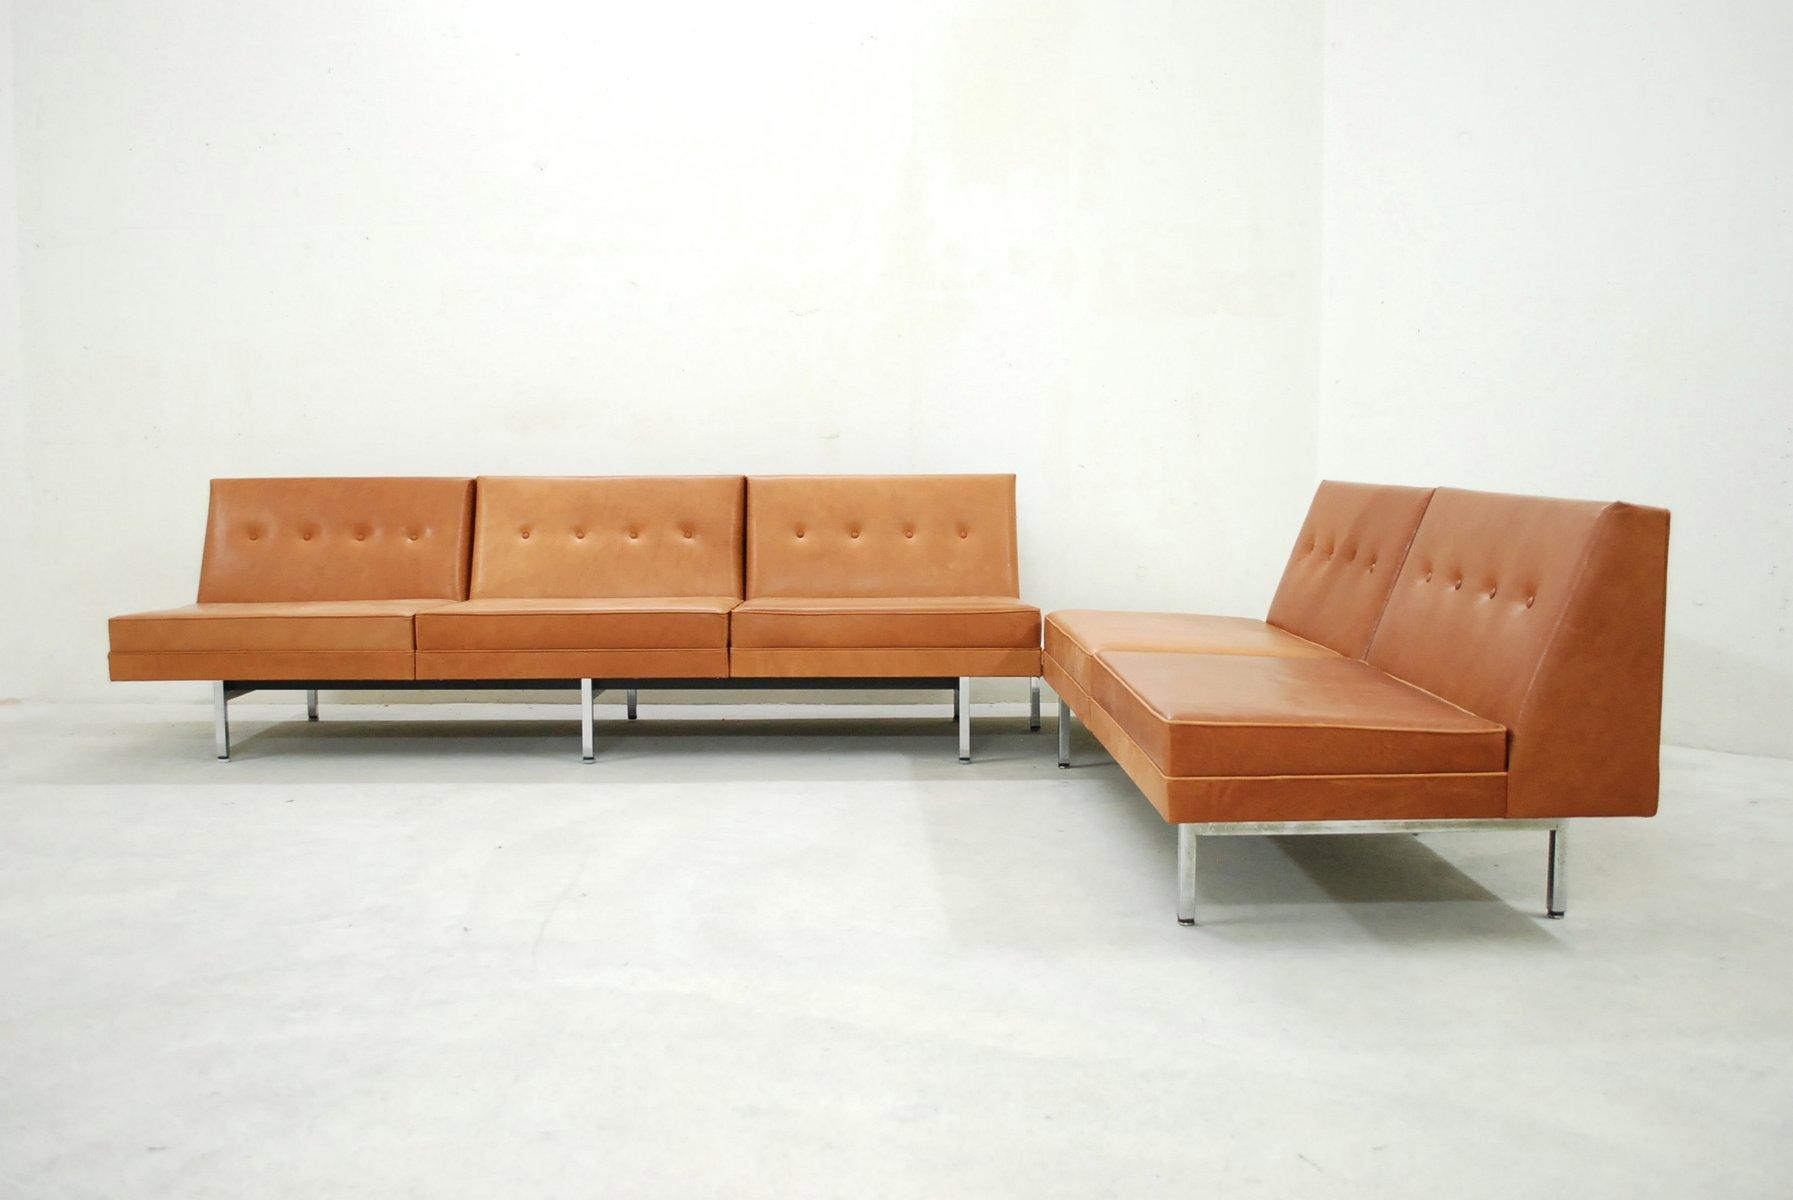 set de canap s modulables en cuir cognac par george nelson. Black Bedroom Furniture Sets. Home Design Ideas